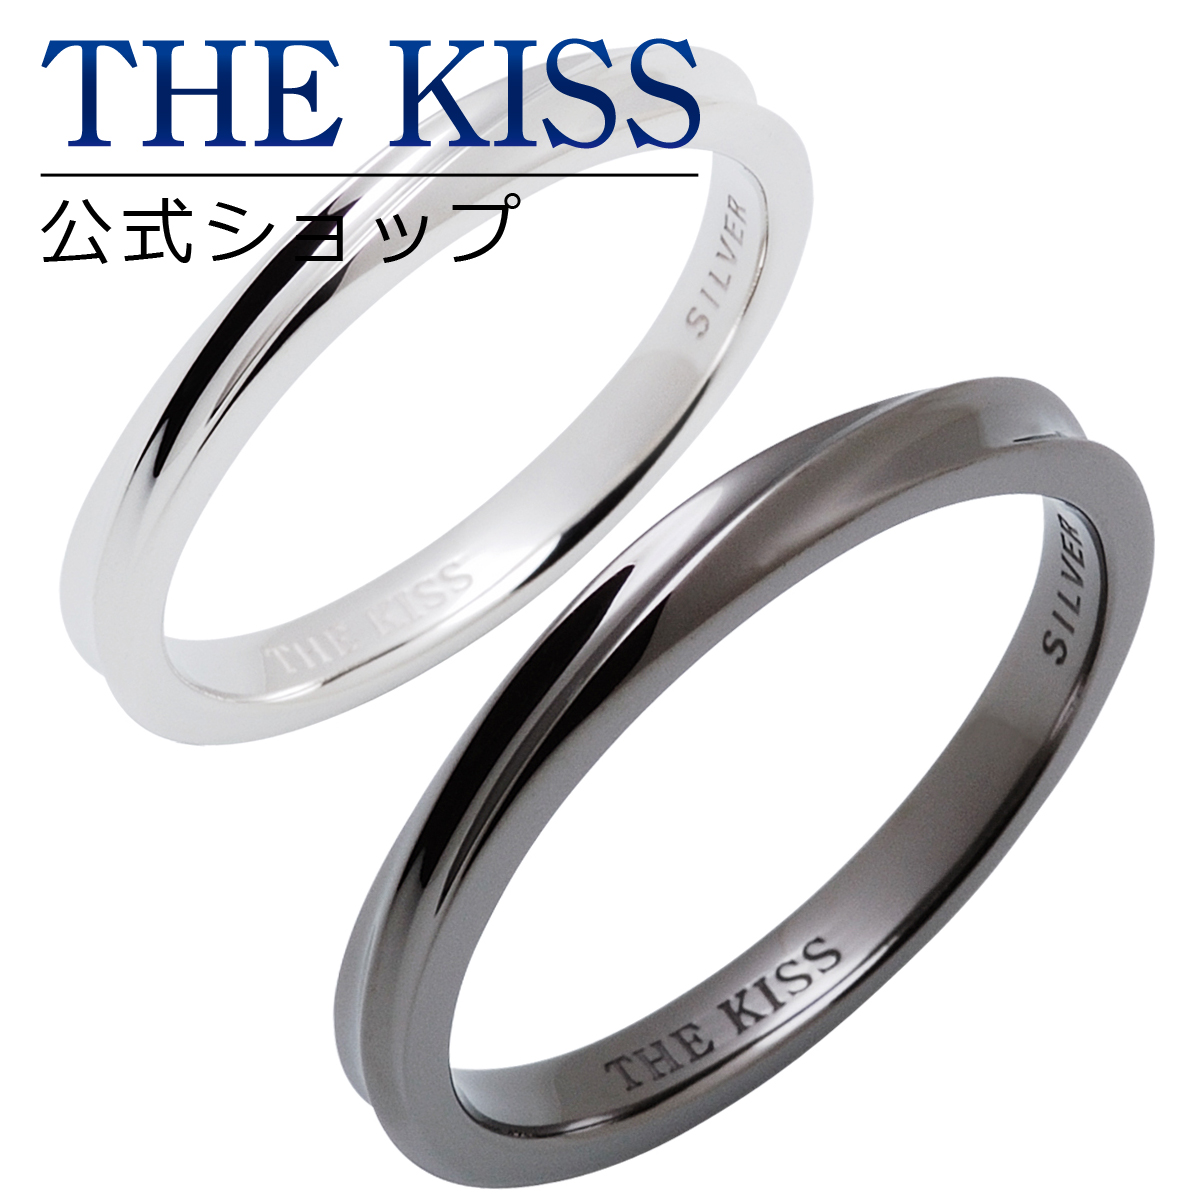 【あす楽対応】THE KISS 公式サイト シルバー ペアリング ペアアクセサリー カップル に 人気 の ジュエリーブランド THEKISS ペア リング・指輪 記念日 プレゼント SR1835-1837 セット シンプル ザキス